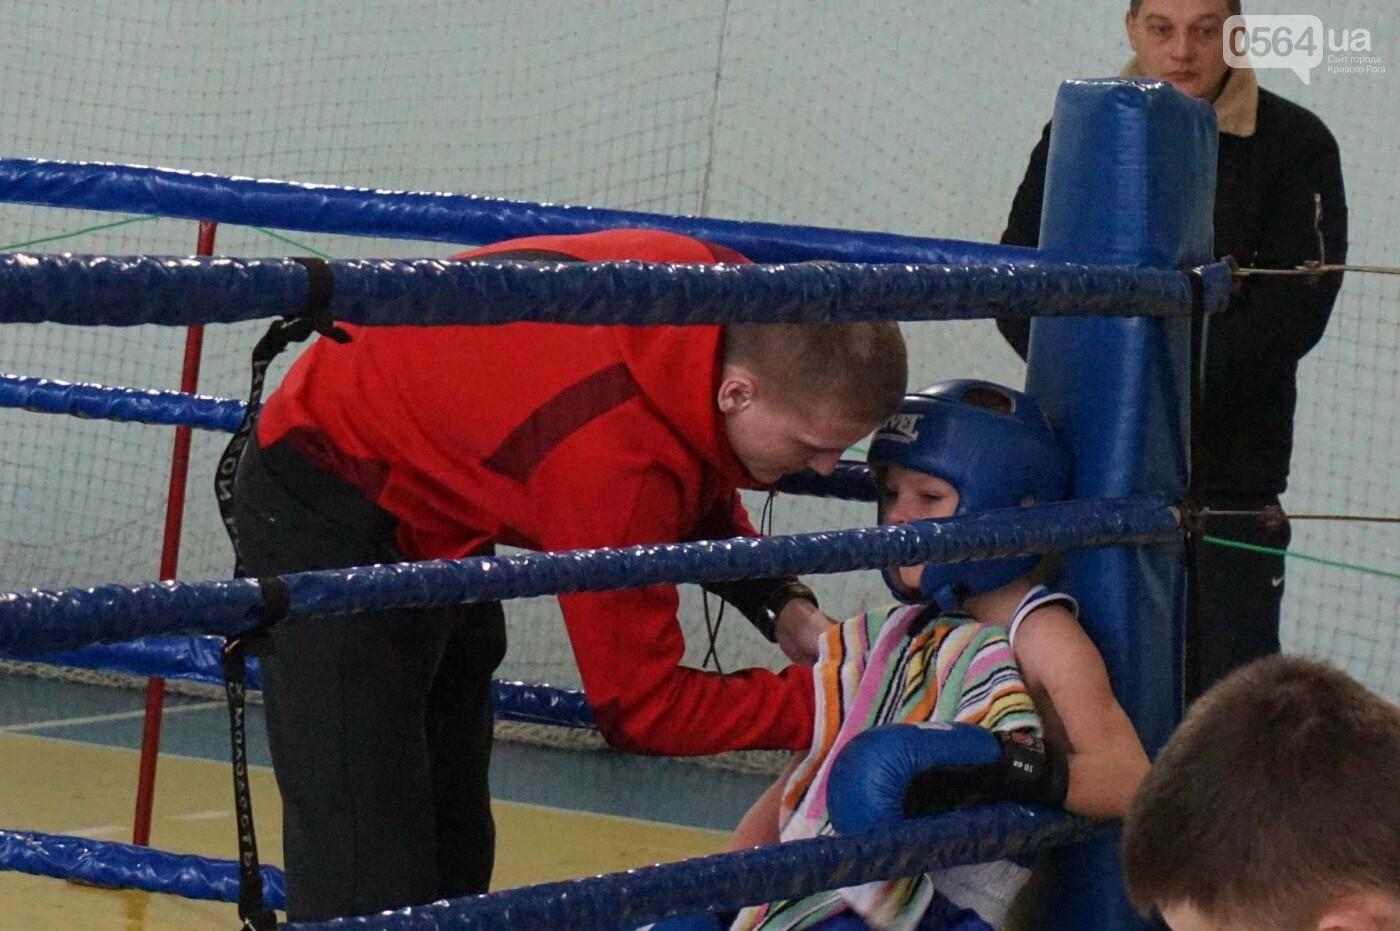 В Кривом Роге состоялся Международный турнир по боксу (ФОТО, ВИДЕО), фото-25